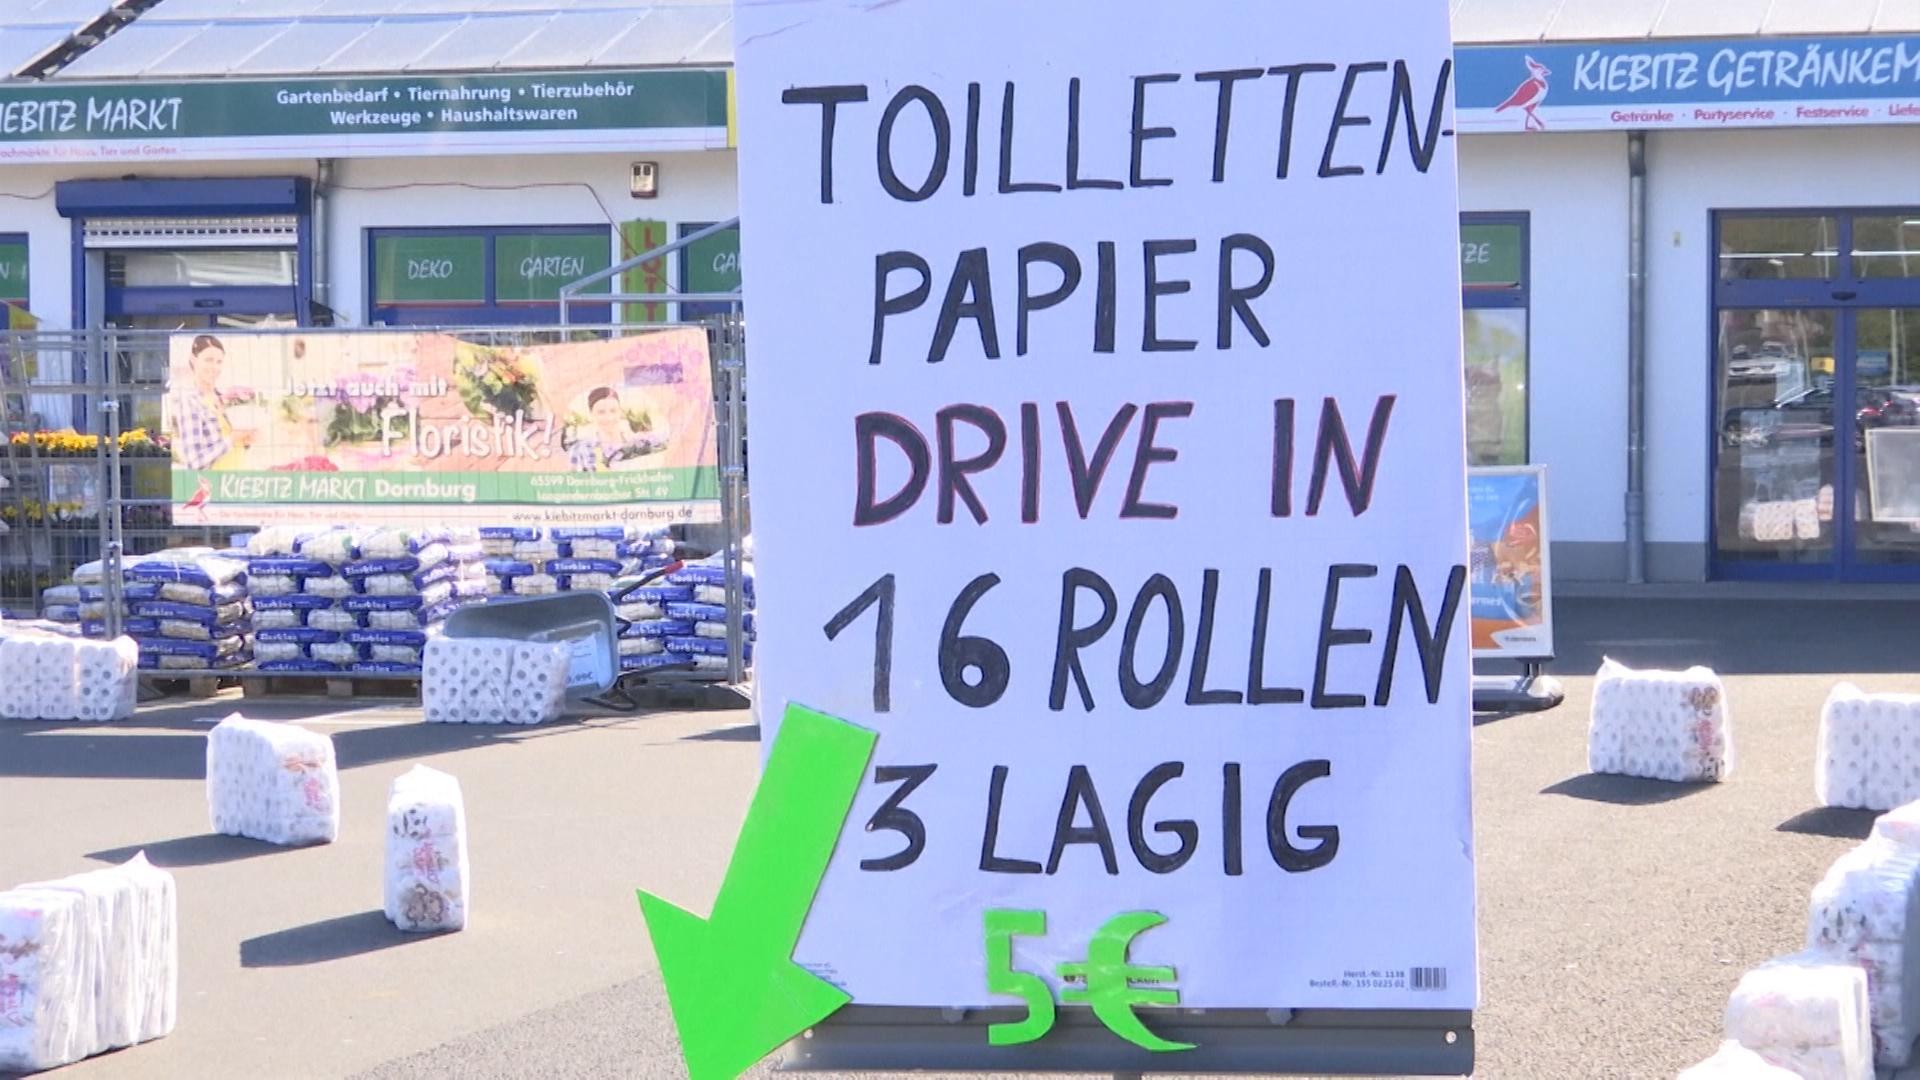 toiletpapir_billede.jpg